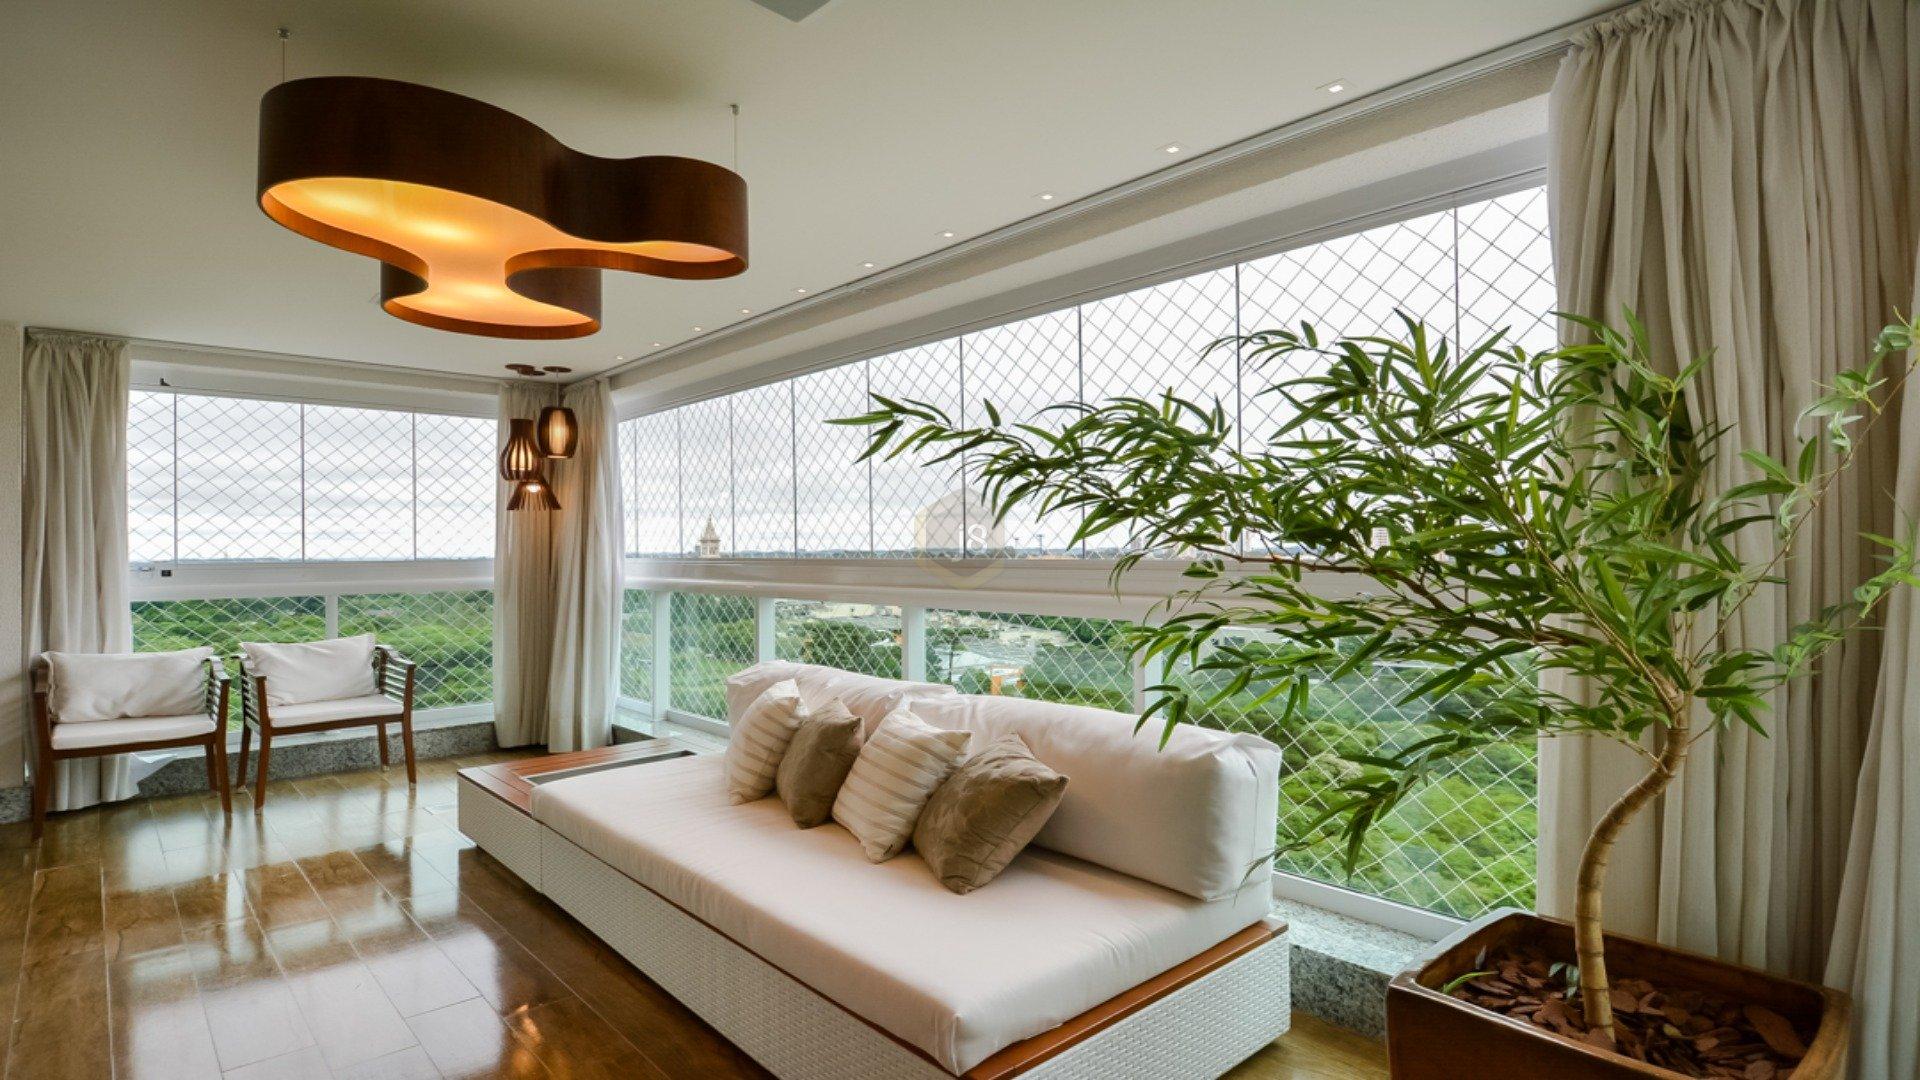 Foto de destaque Lindíssimo apartamento no coração do ecoville